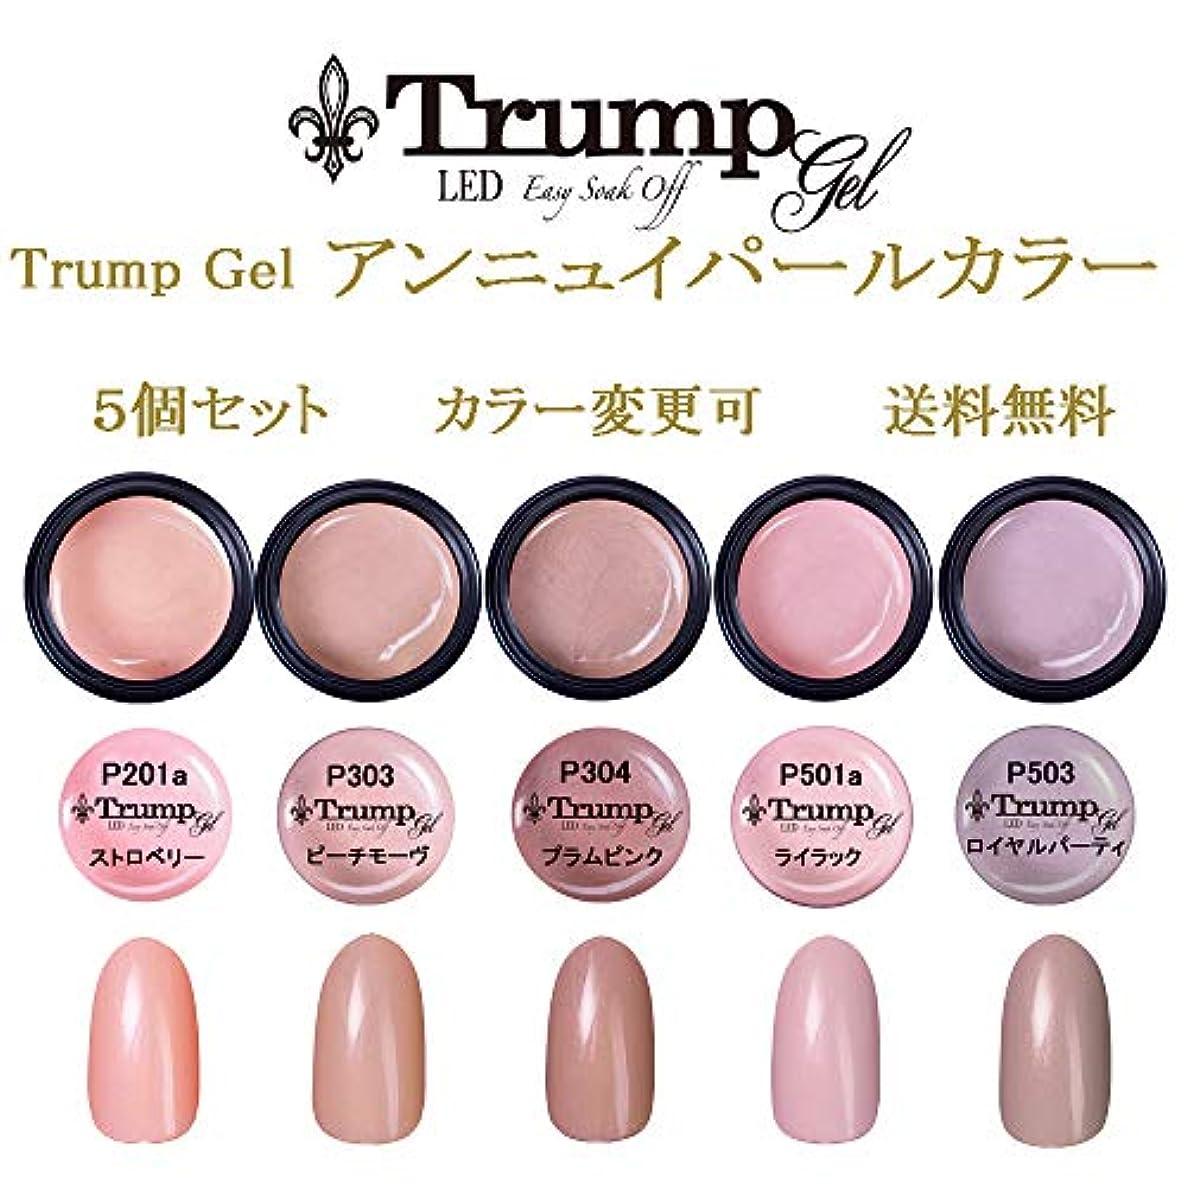 一口バケツ触手日本製 Trump gel トランプジェル アンニュイ パール 選べる カラージェル 5個セット ピンク ベージュ パープル